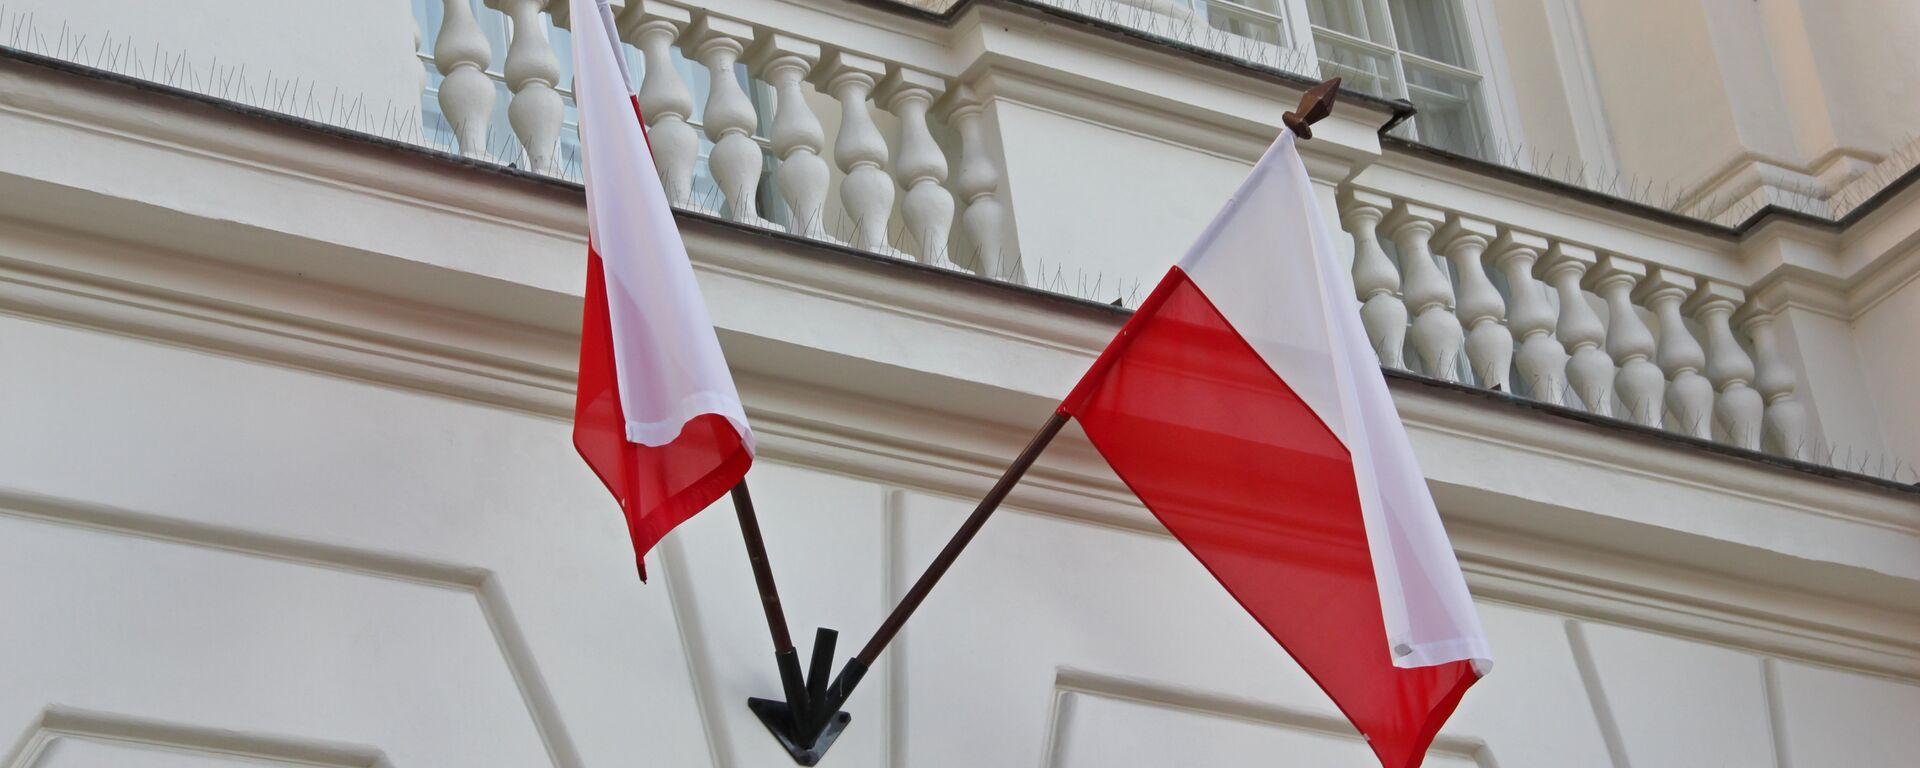 Флаги Польши - Sputnik Беларусь, 1920, 09.03.2021